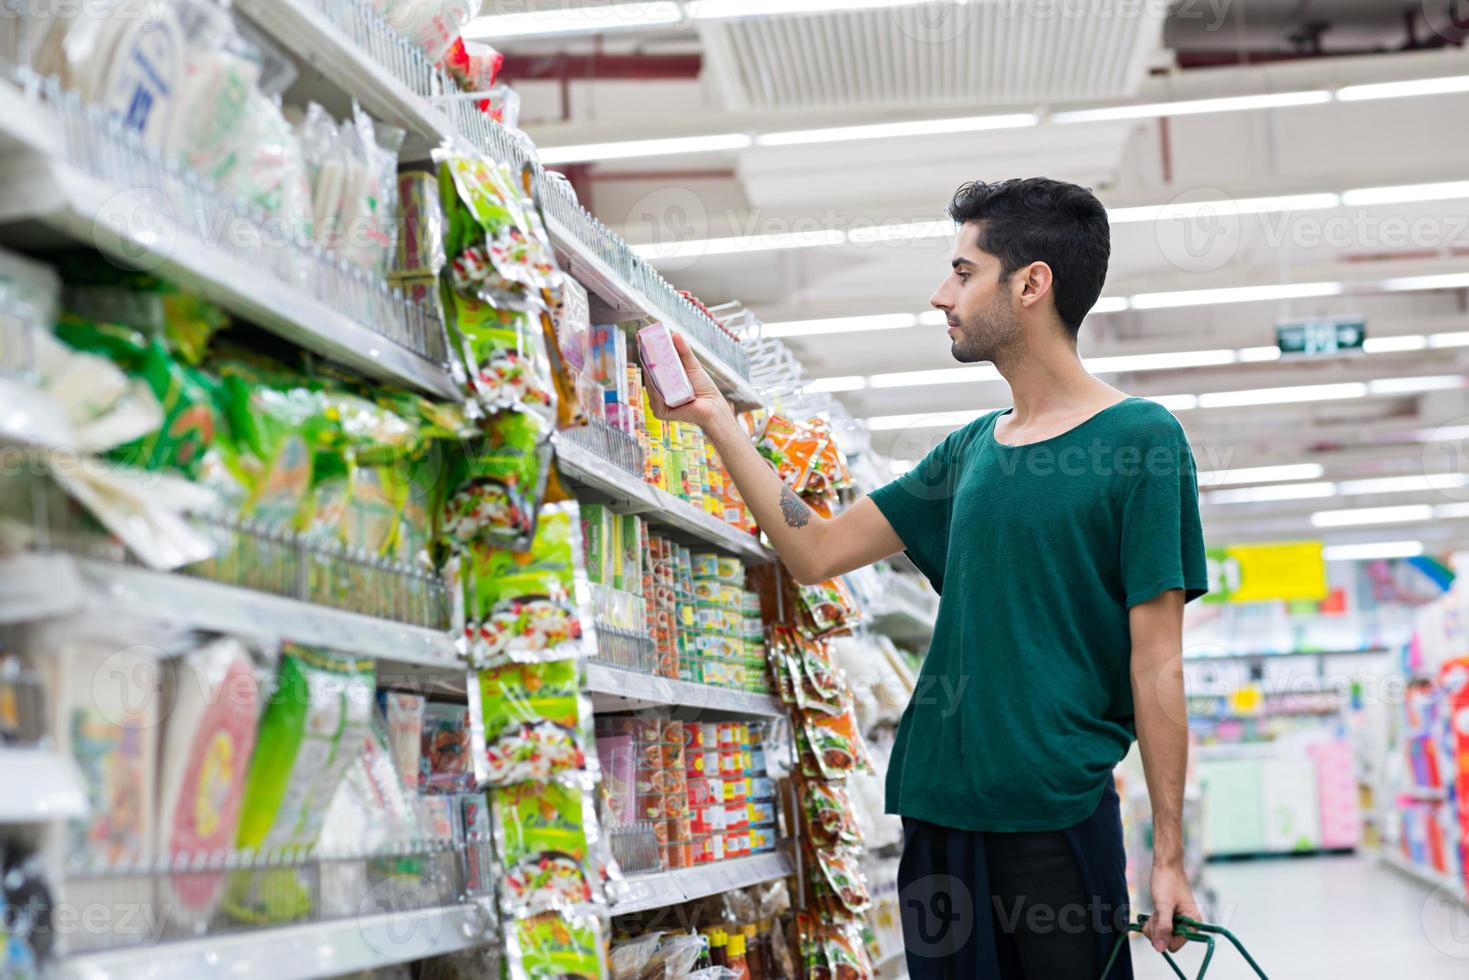 comprar comida instantánea foto